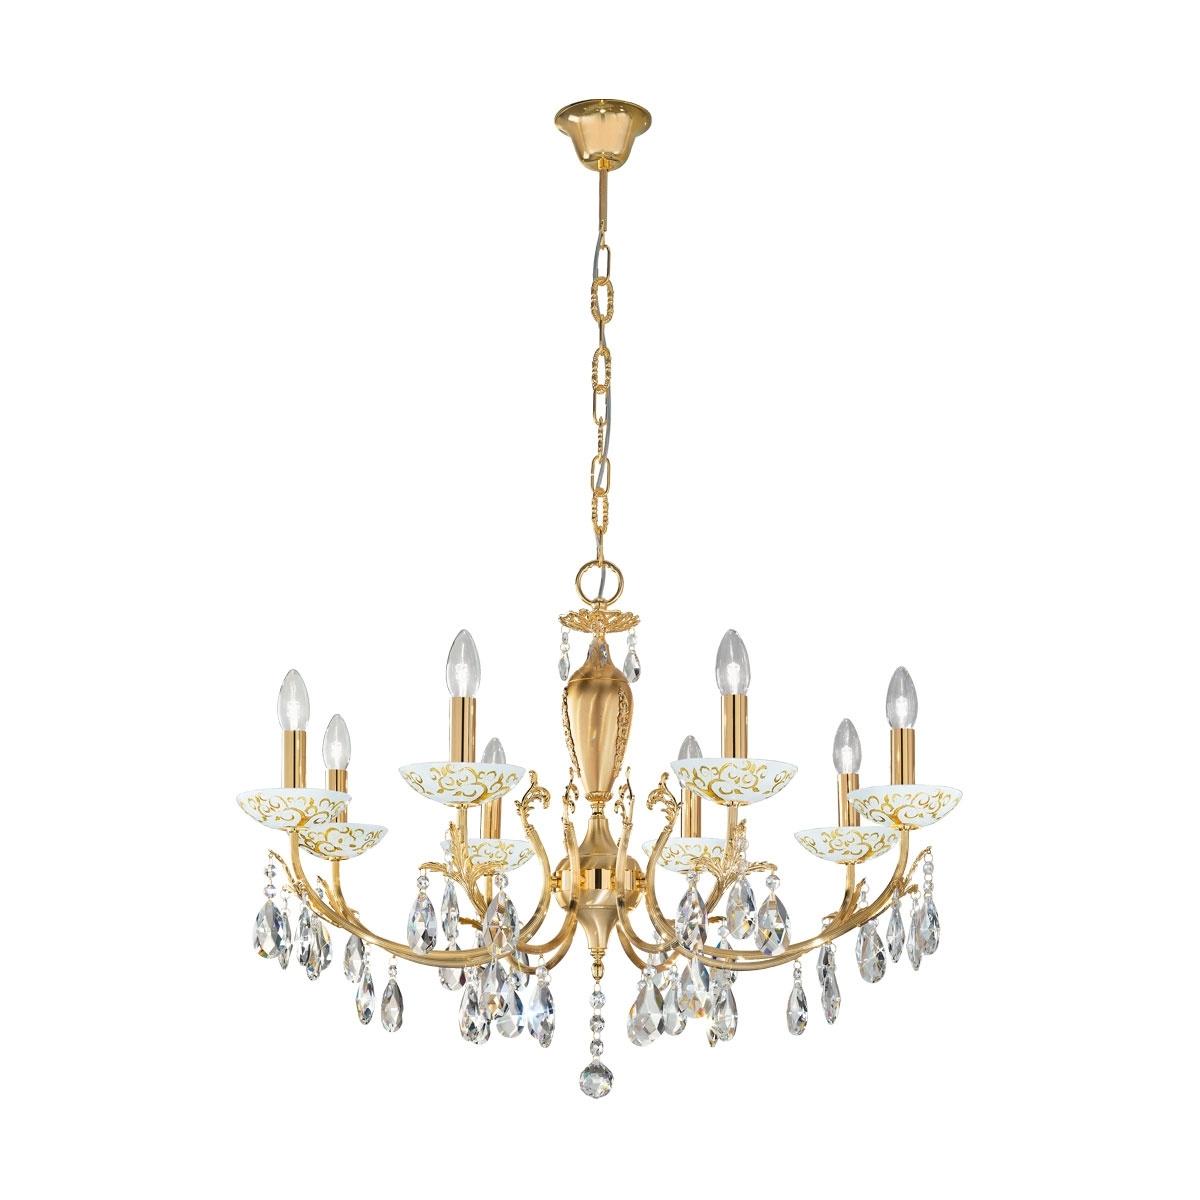 Kolarz Kronleuchter Victoria 2 Luster, Gold/weiß, Kristallglas/Metall, 3003.88.3.KoT/al30 | Lampen > Deckenleuchten > Kronleuchter